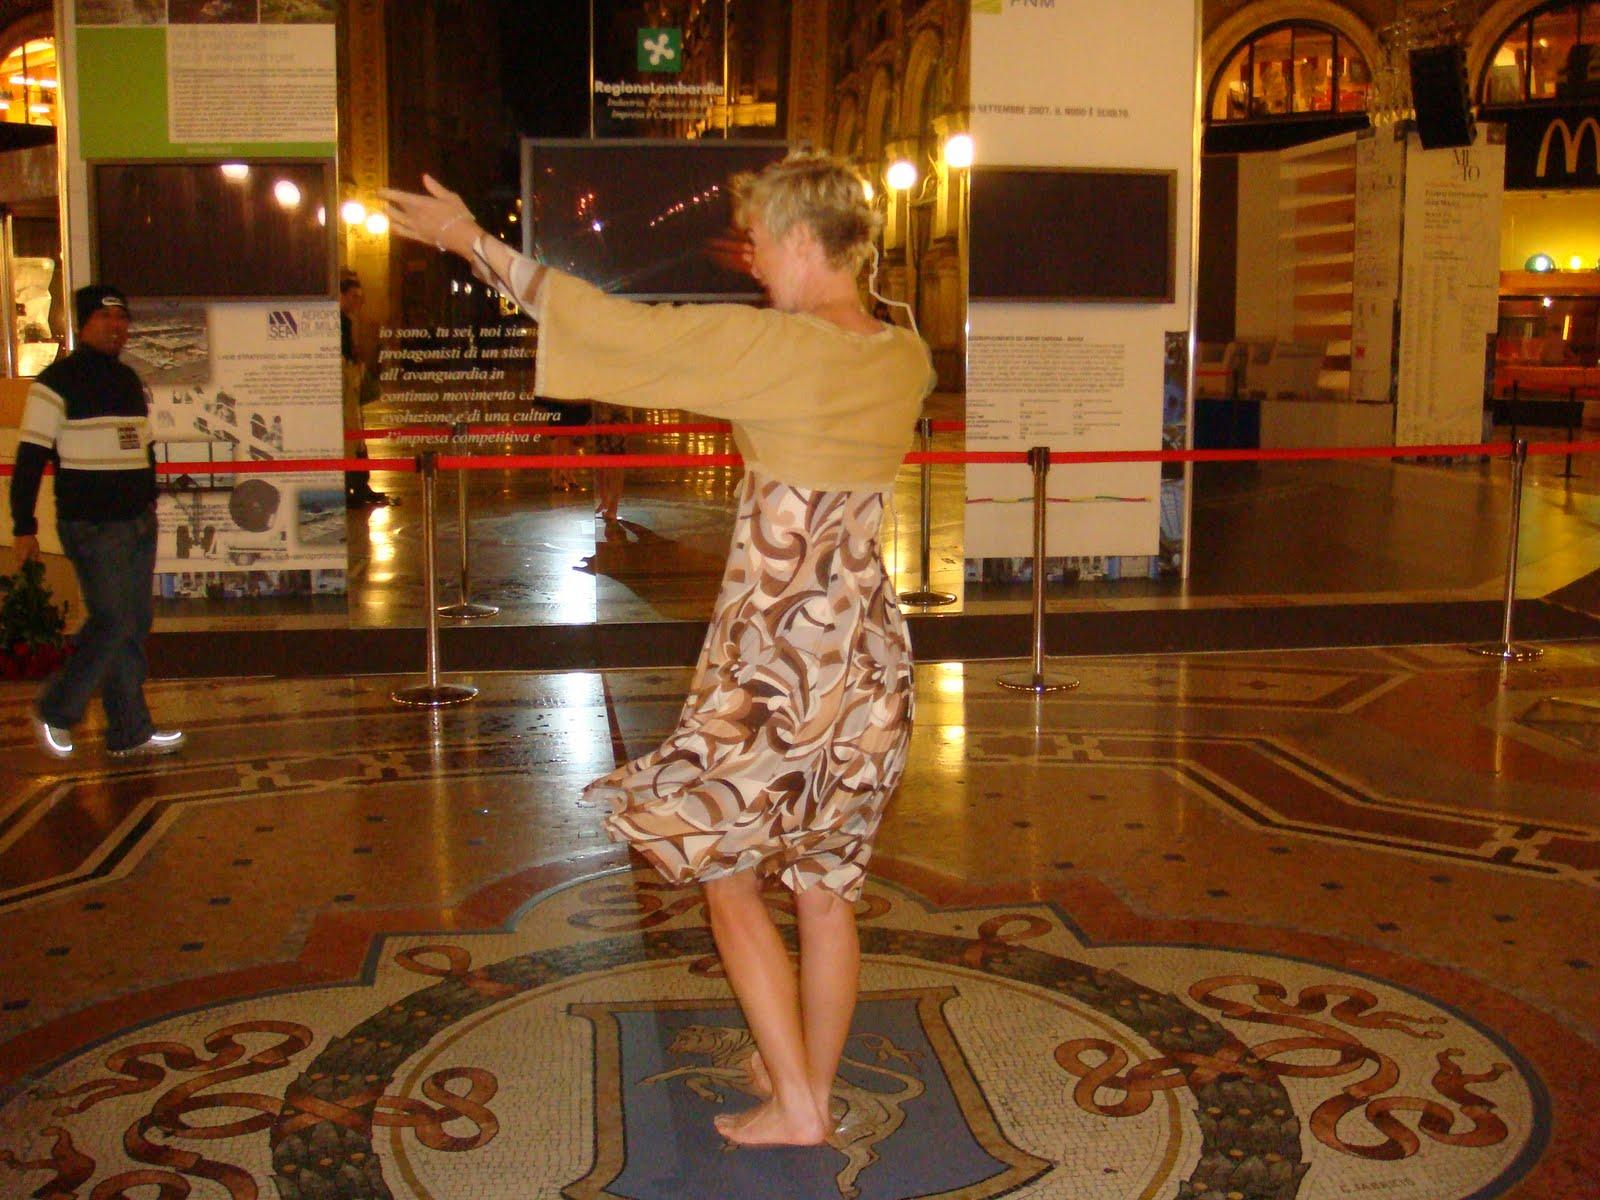 http://1.bp.blogspot.com/_abWaBL6y_R0/TFxCPhdAFwI/AAAAAAAAALw/5wn5JZW_i1g/s1600/K+Bull+Dancing.JPG